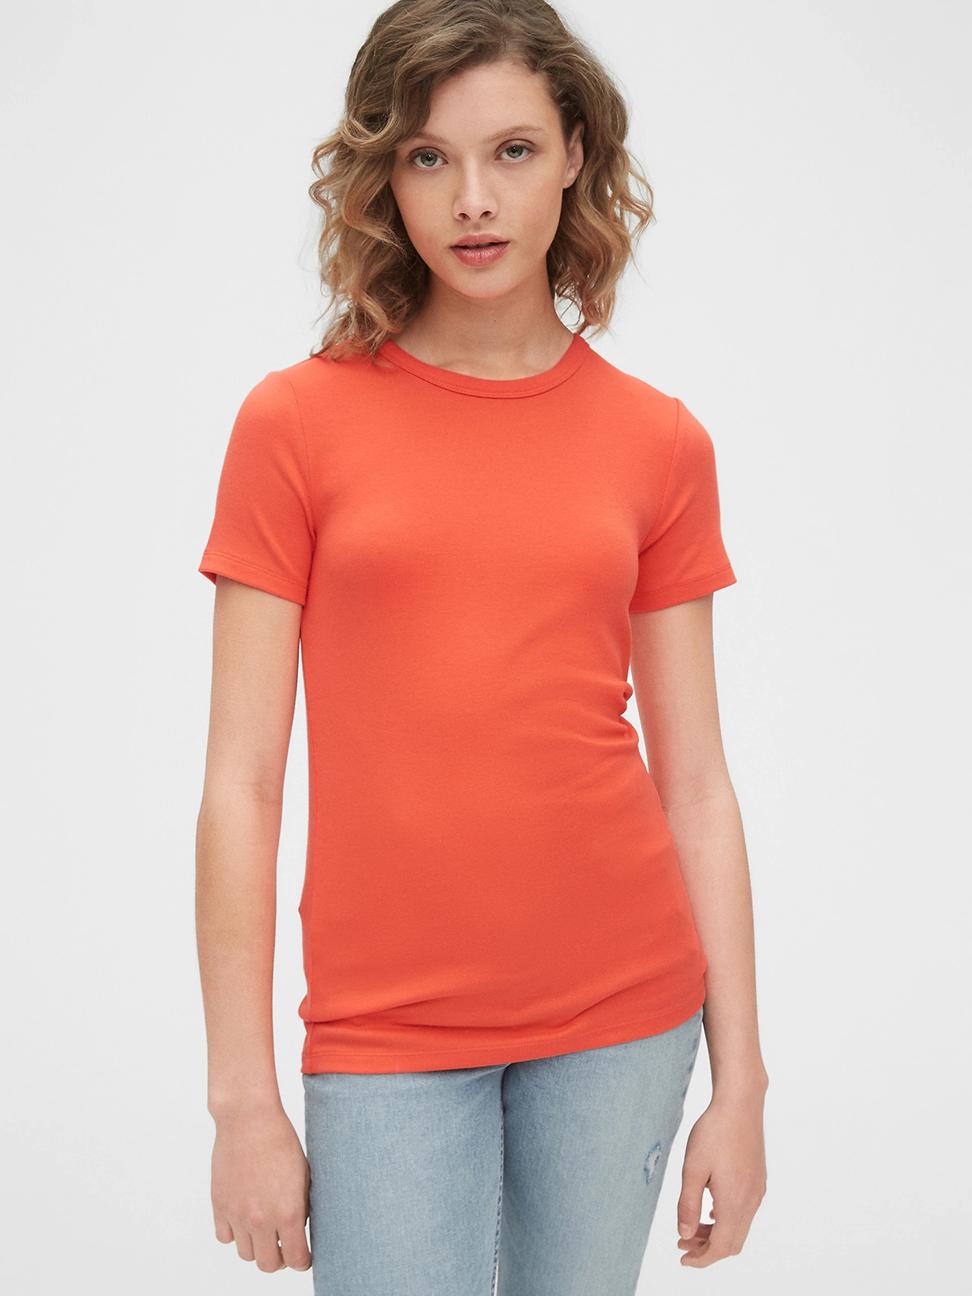 女裝 棉質舒適圓領短袖T恤